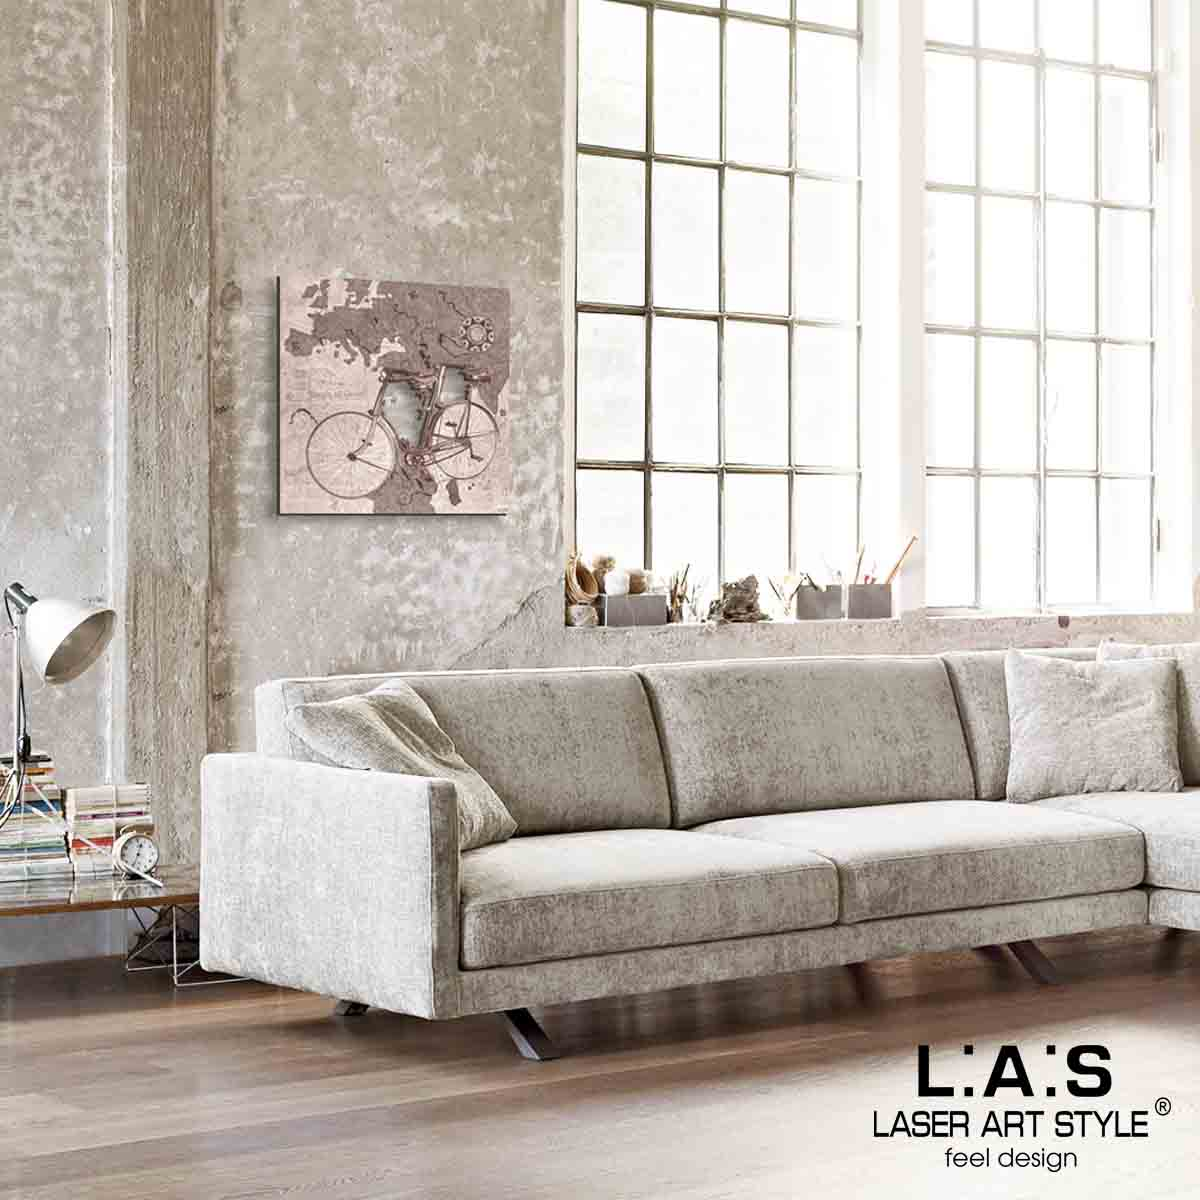 L:A:S - Laser Art Style - Q-028 DECORO RUGGINE